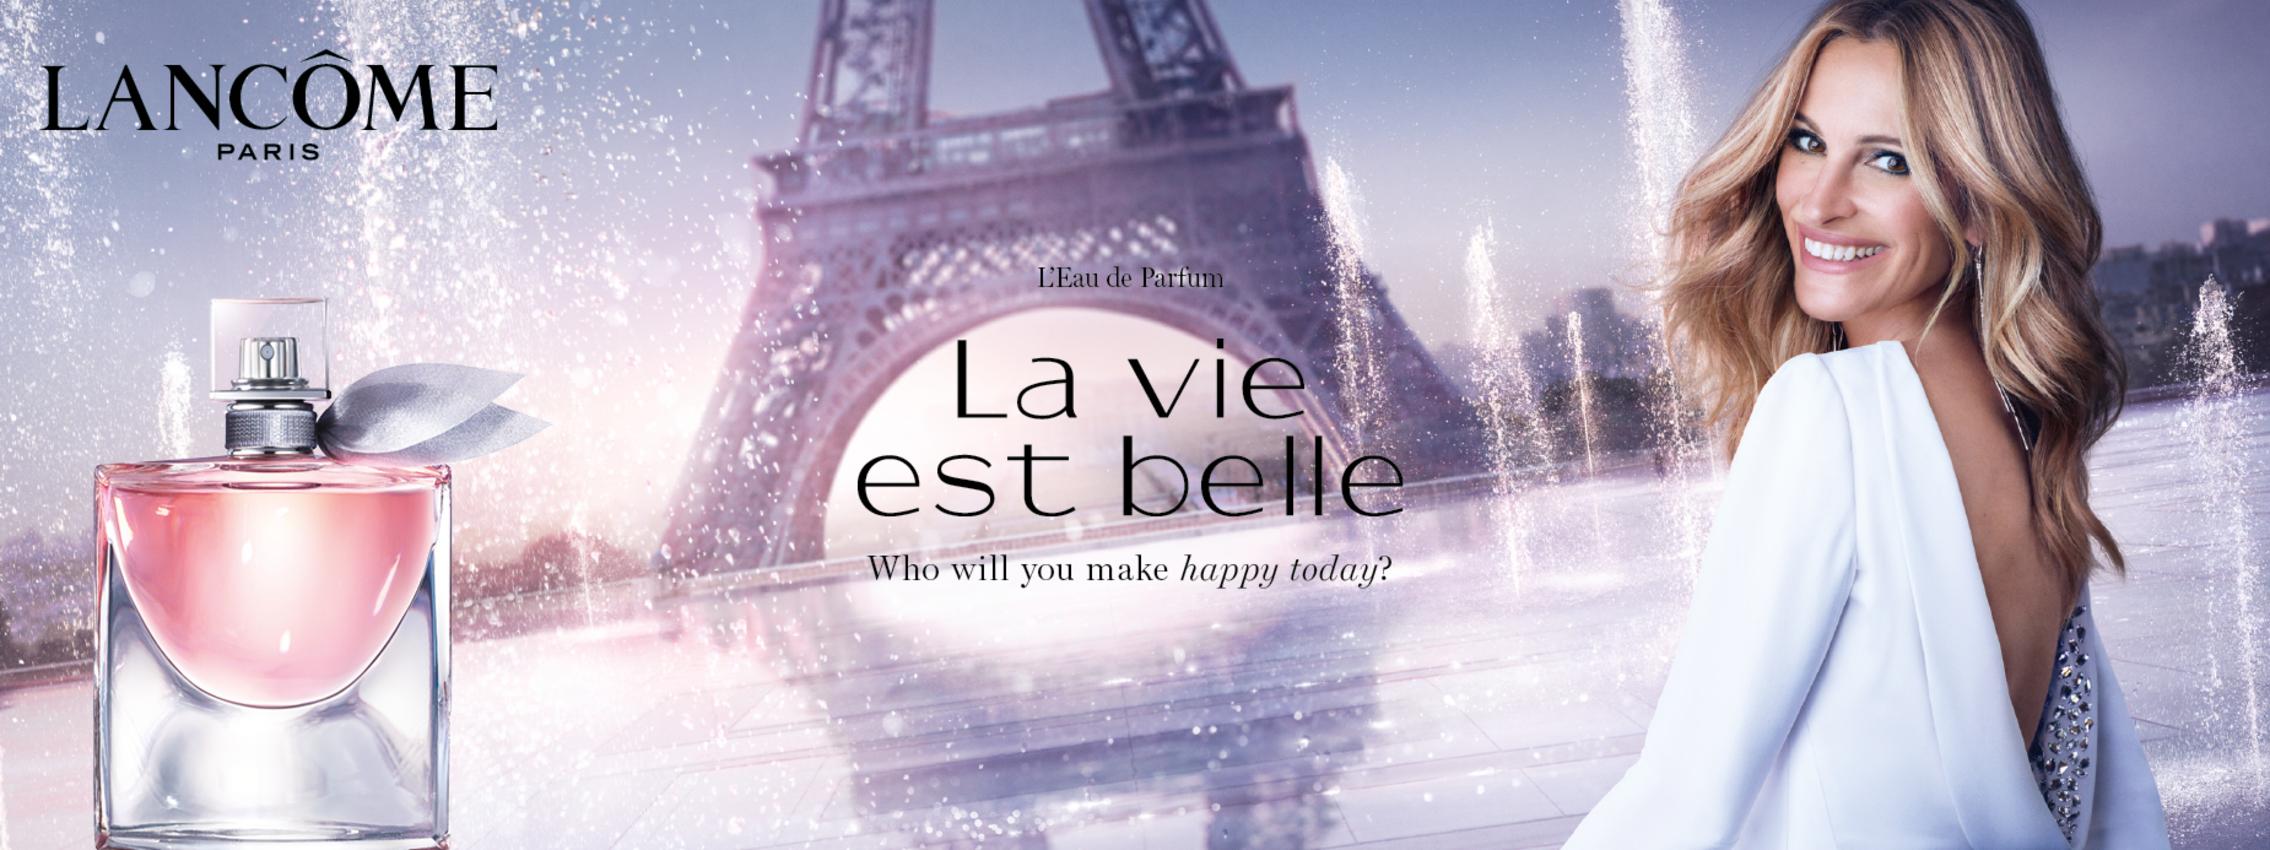 La Vie est Belle - Fragrances and Perfume - Lancôme